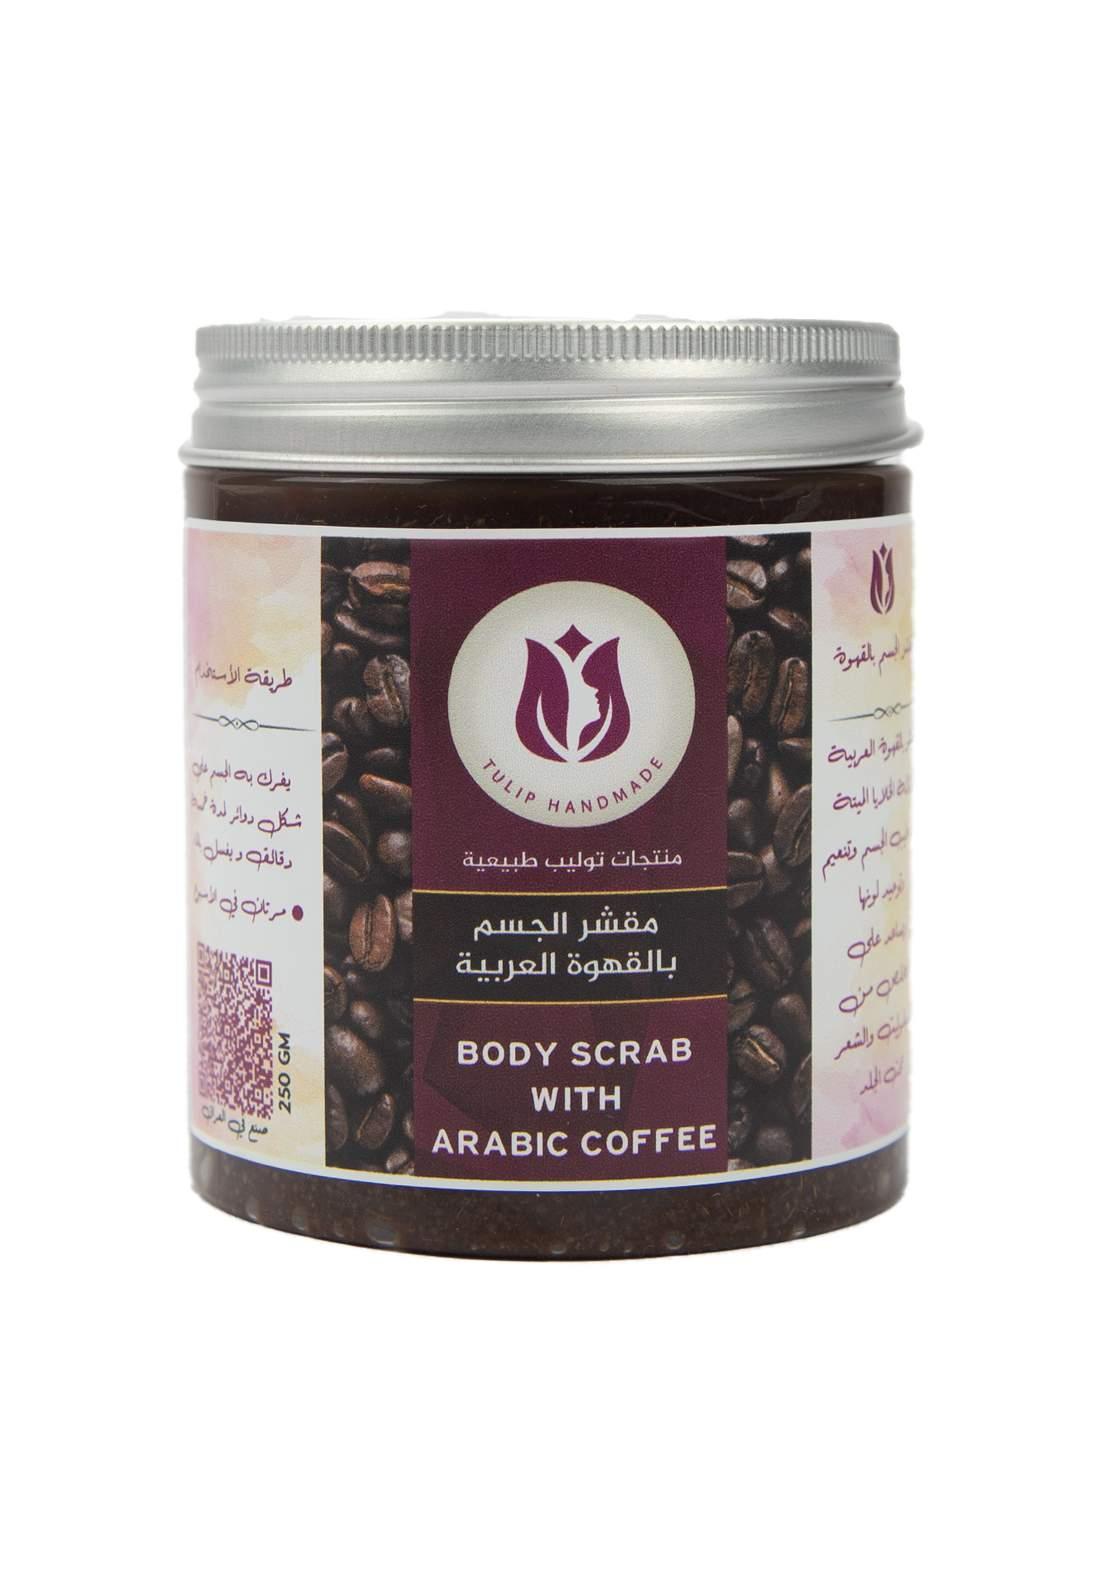 Tulip Arabica Coffee Body Scrub 250 G مقشر الجسم بالقهوة العربية